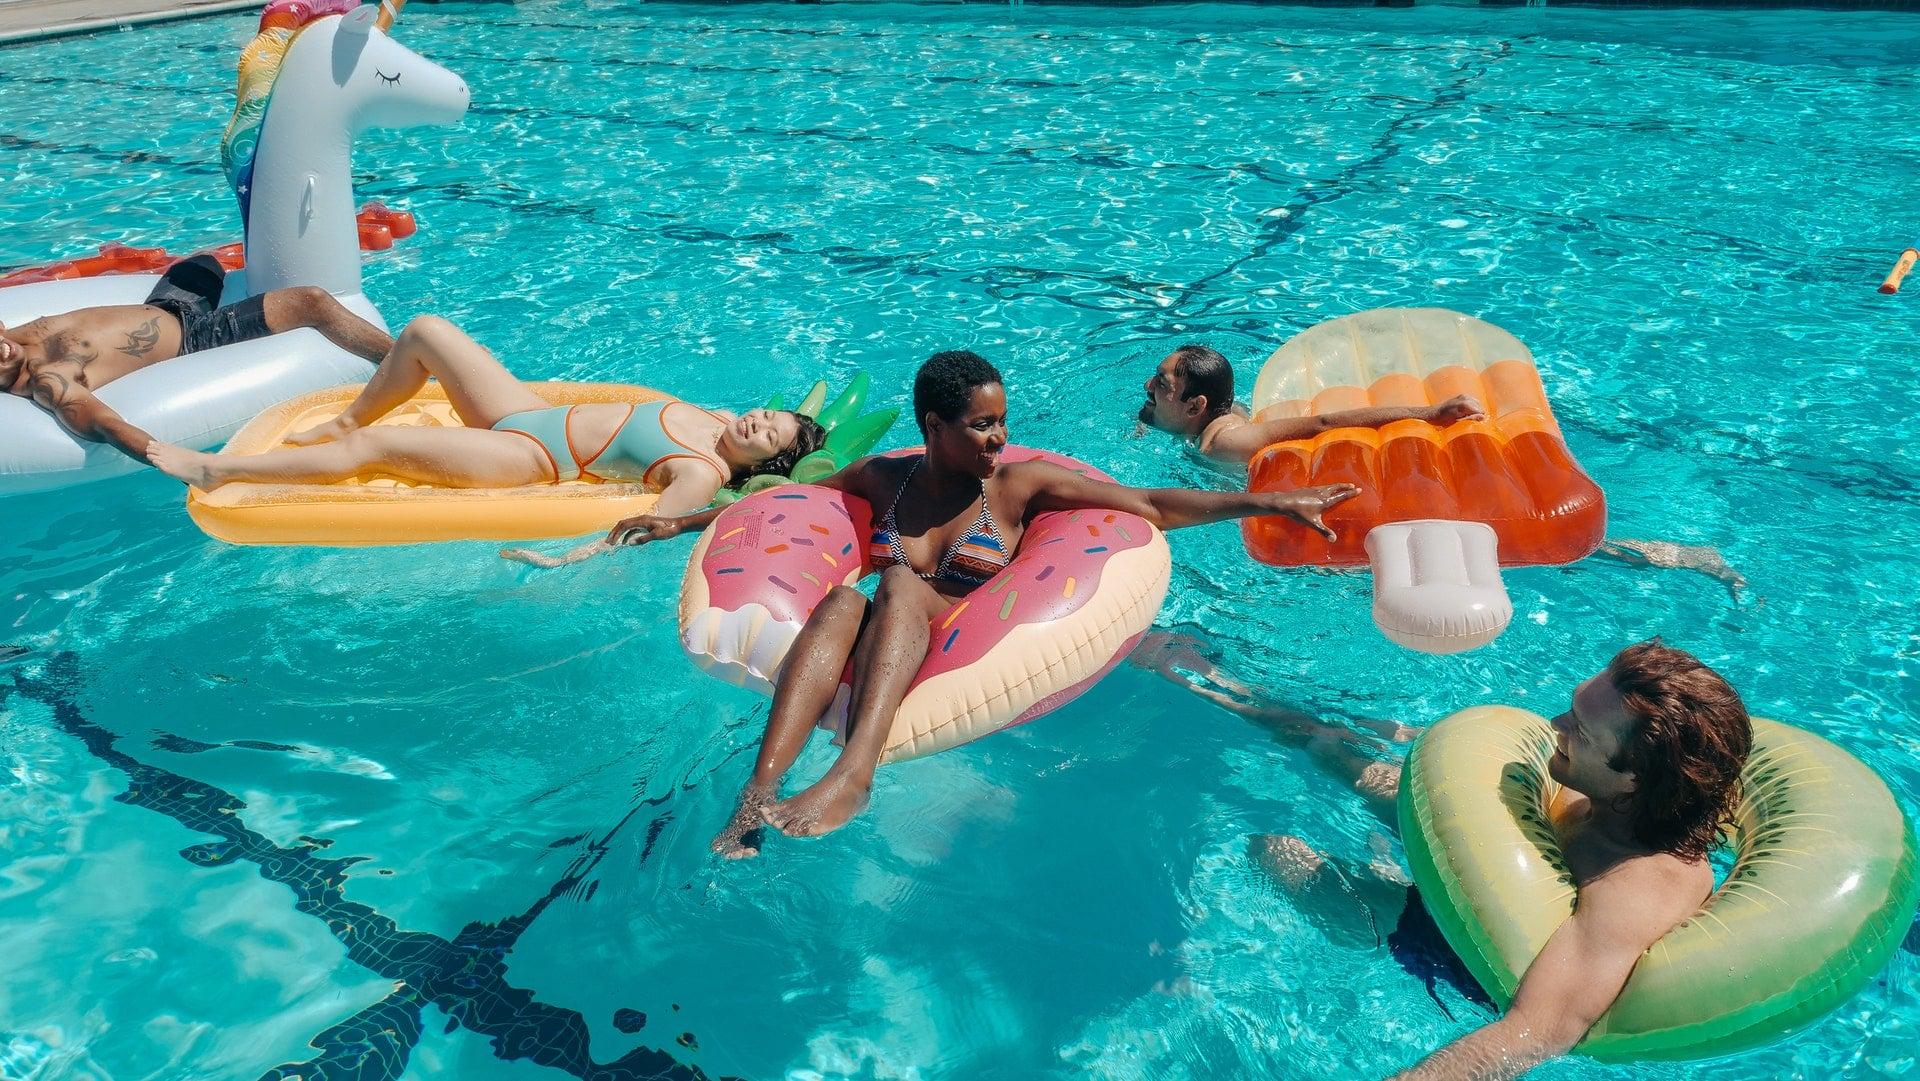 las vegas swimming pool injuries